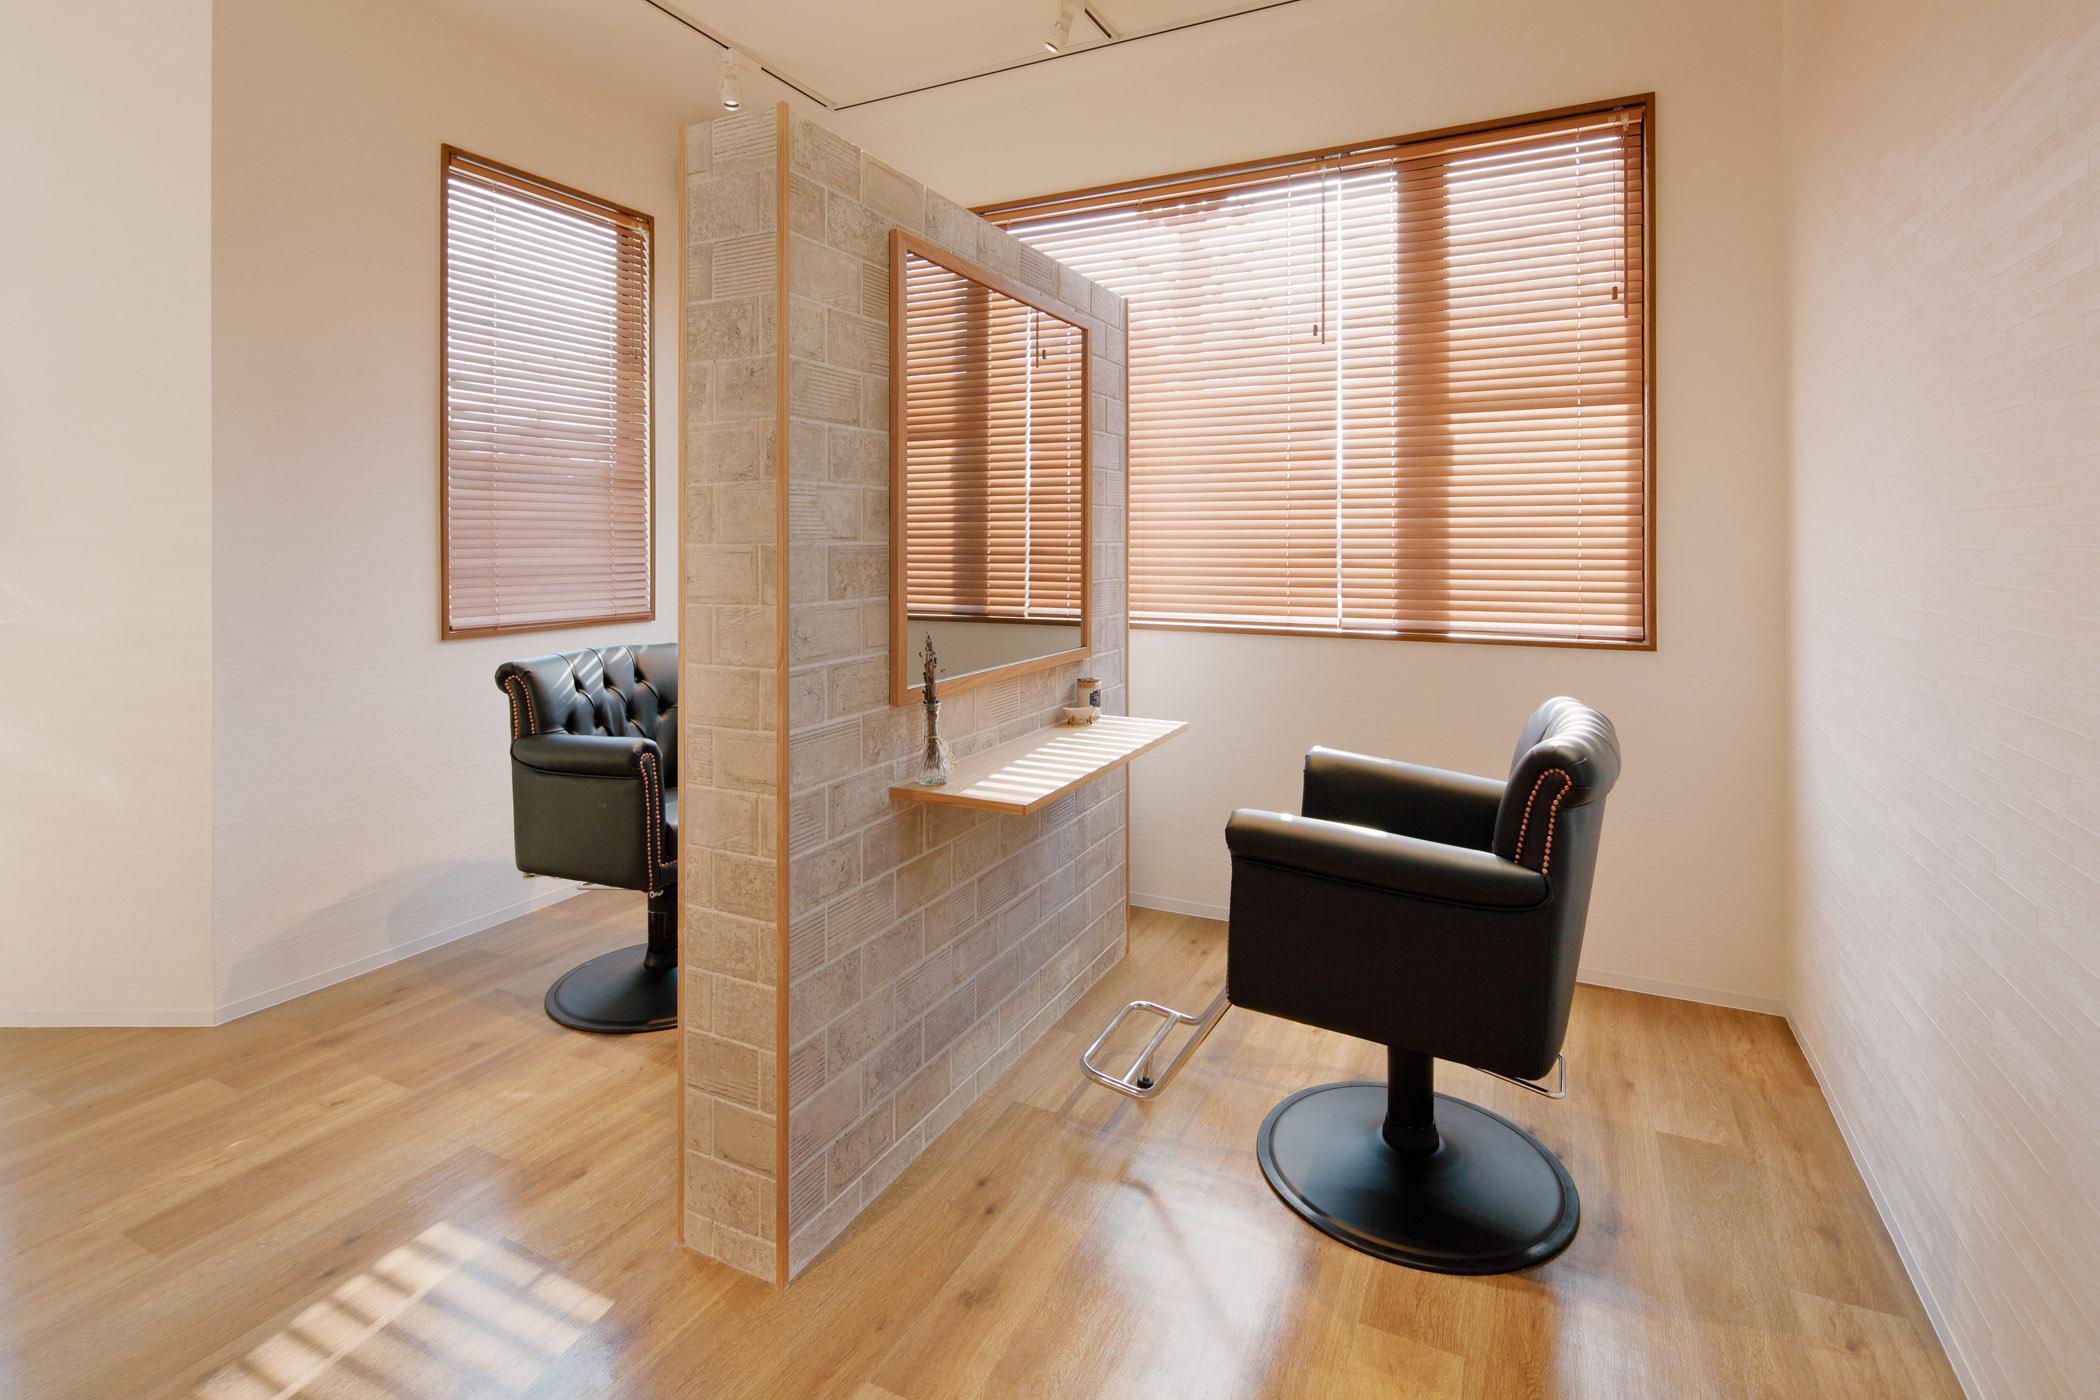 群馬の美容室TOKOHANAセット面デザイン